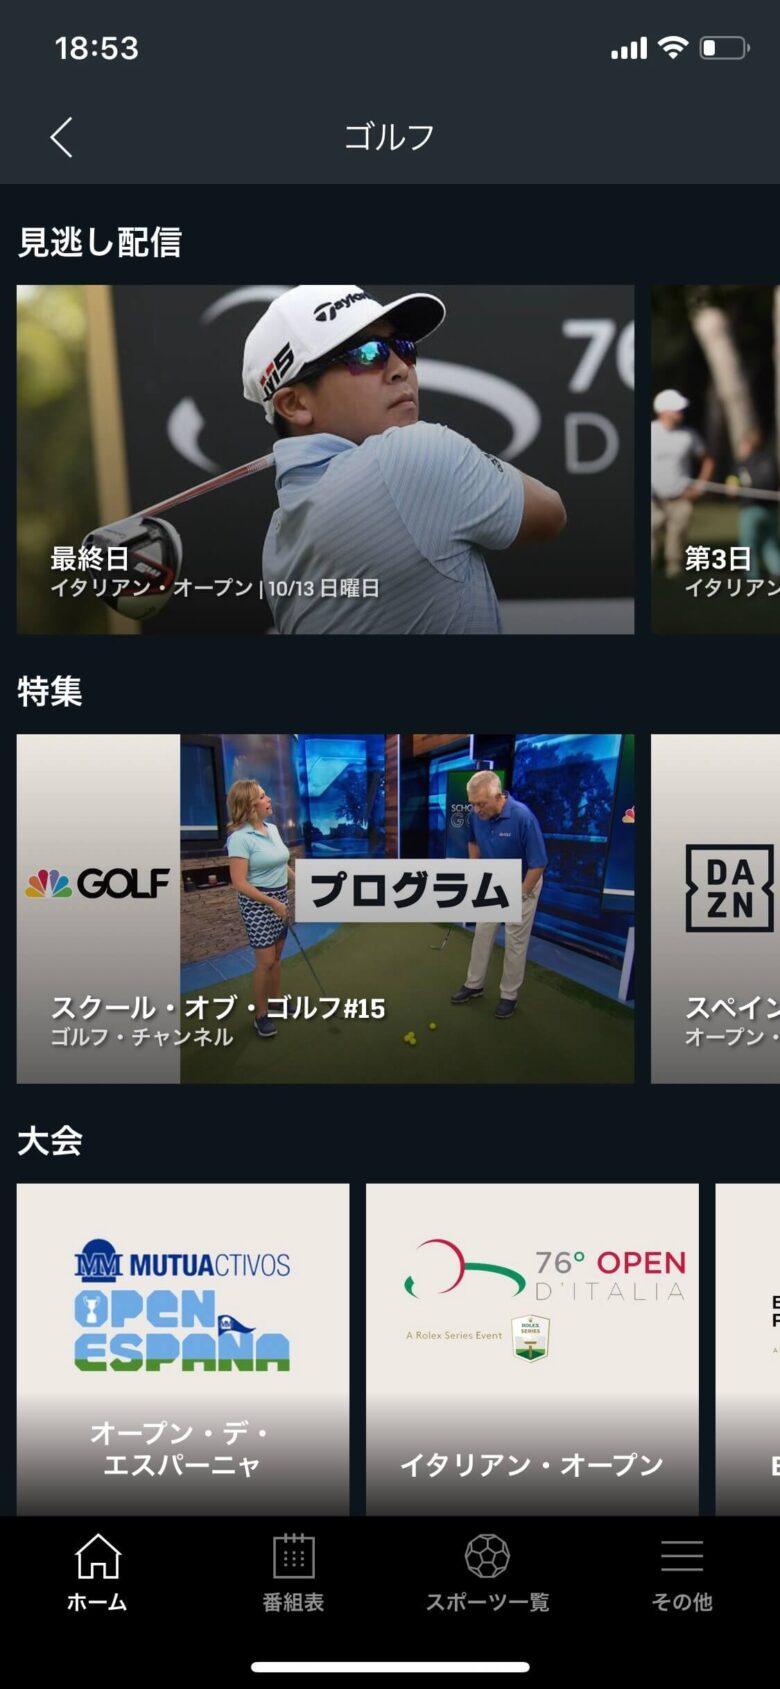 ダゾーンゴルフ観戦